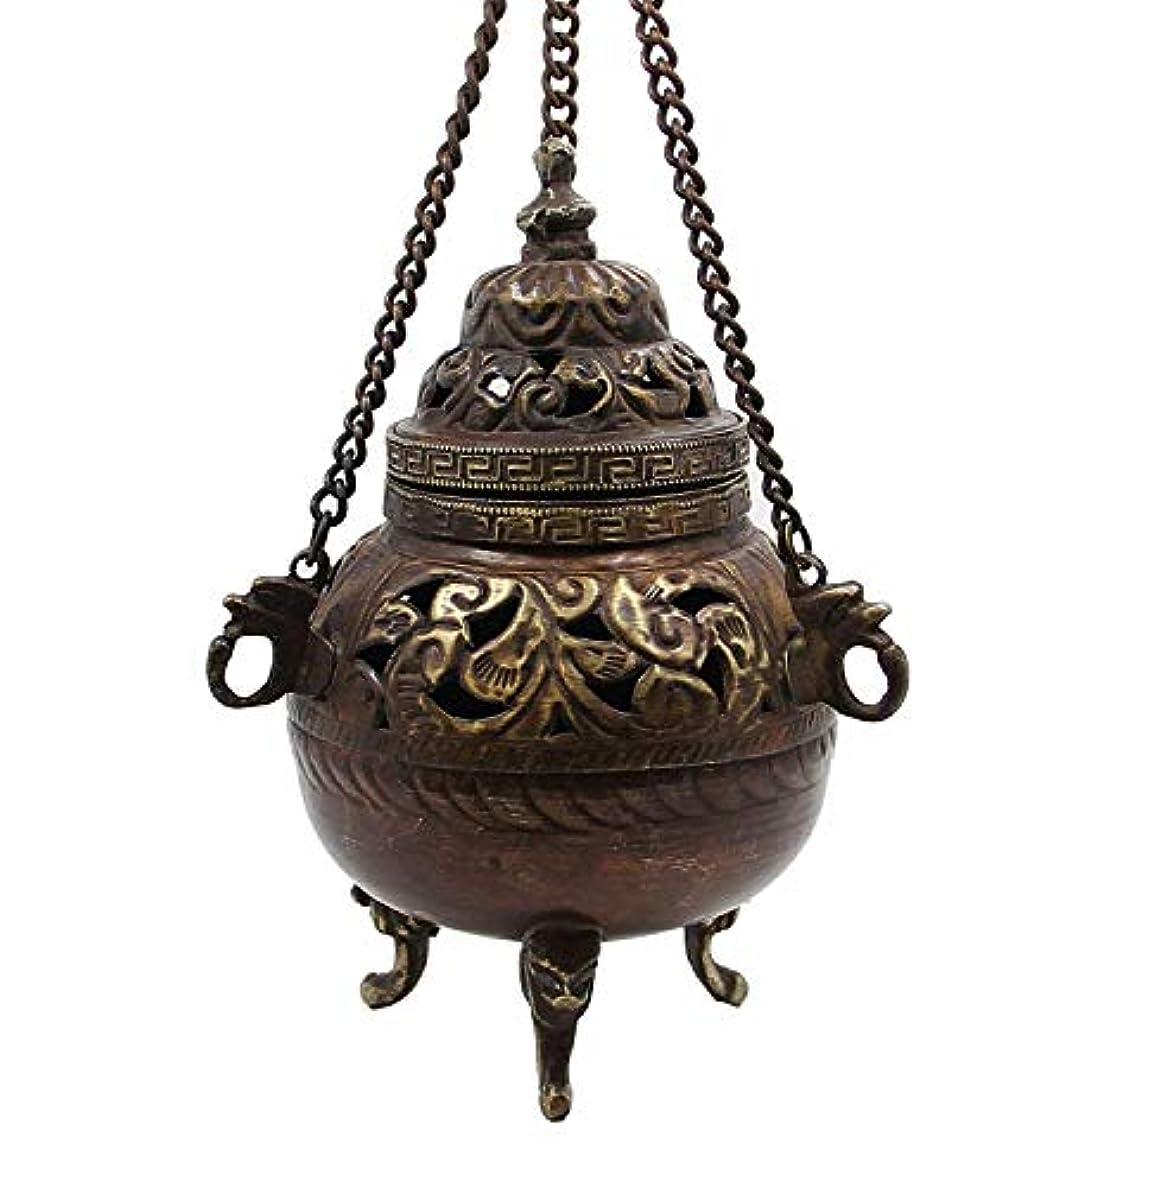 無実調停する含むチベット従来DharmaObjects Hanging香炉銅5 cm高